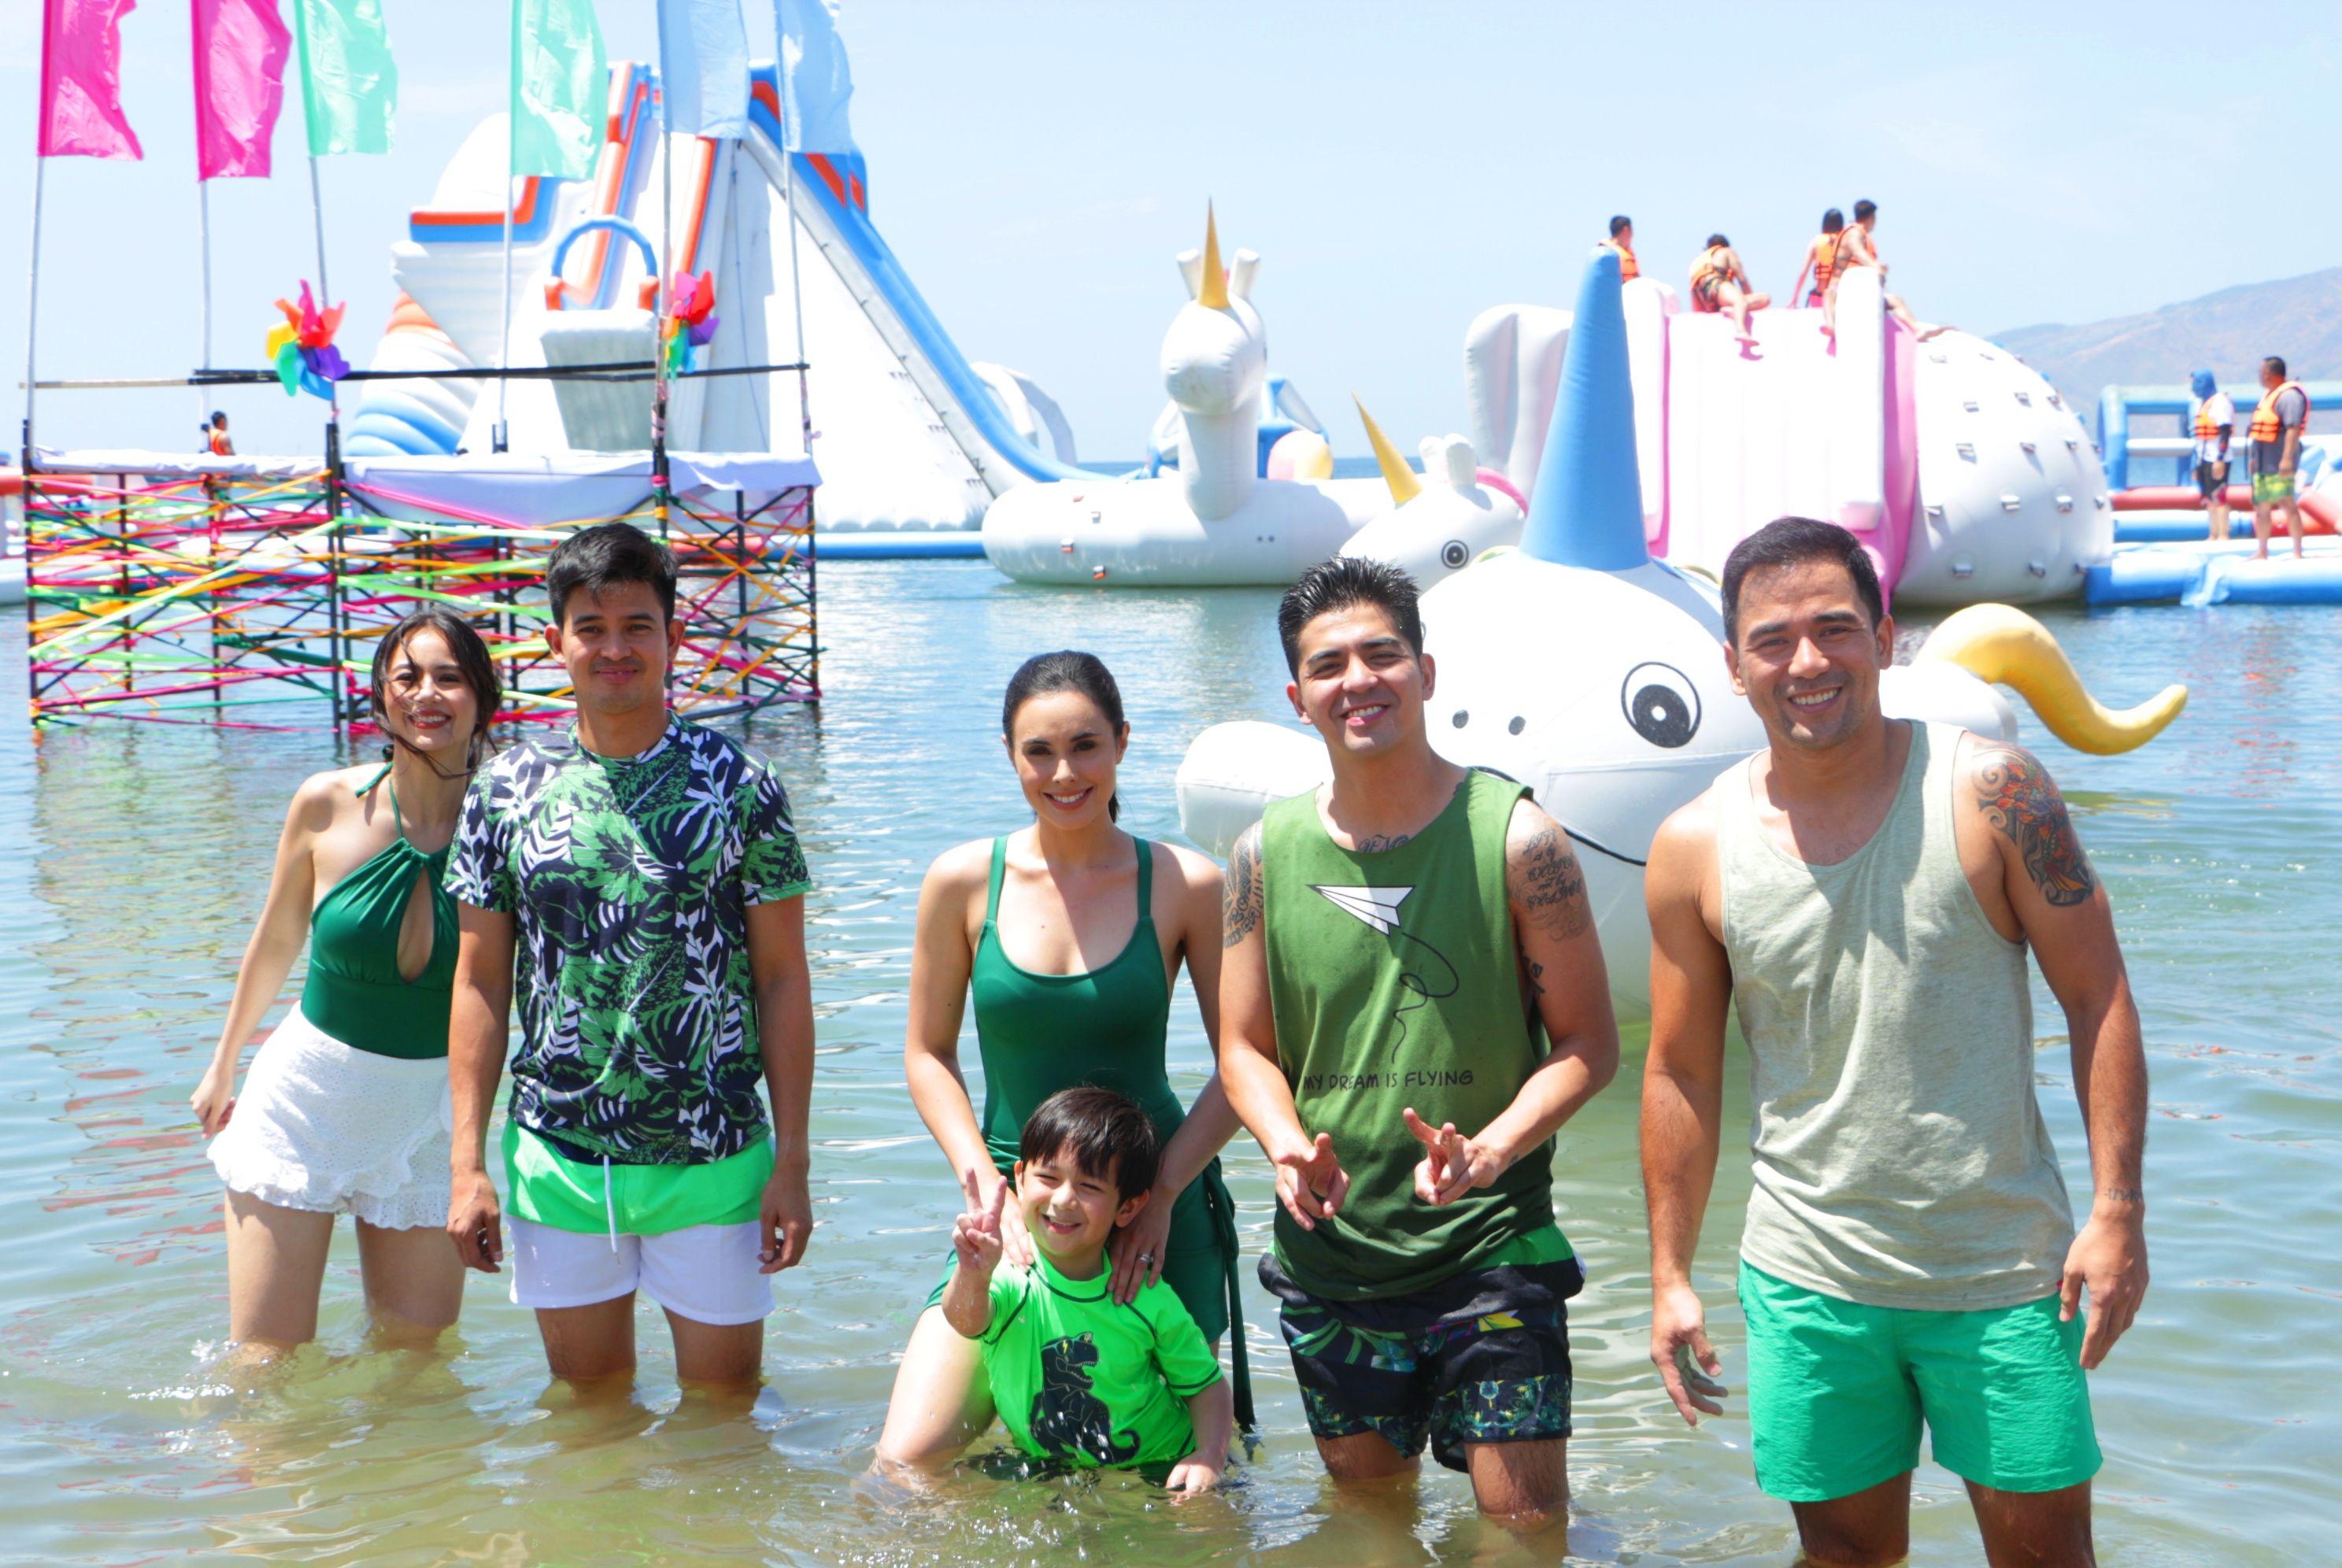 Kapuso Network S New Program Offerings Amp Up Summer Fun Summer Fun New Program Summer